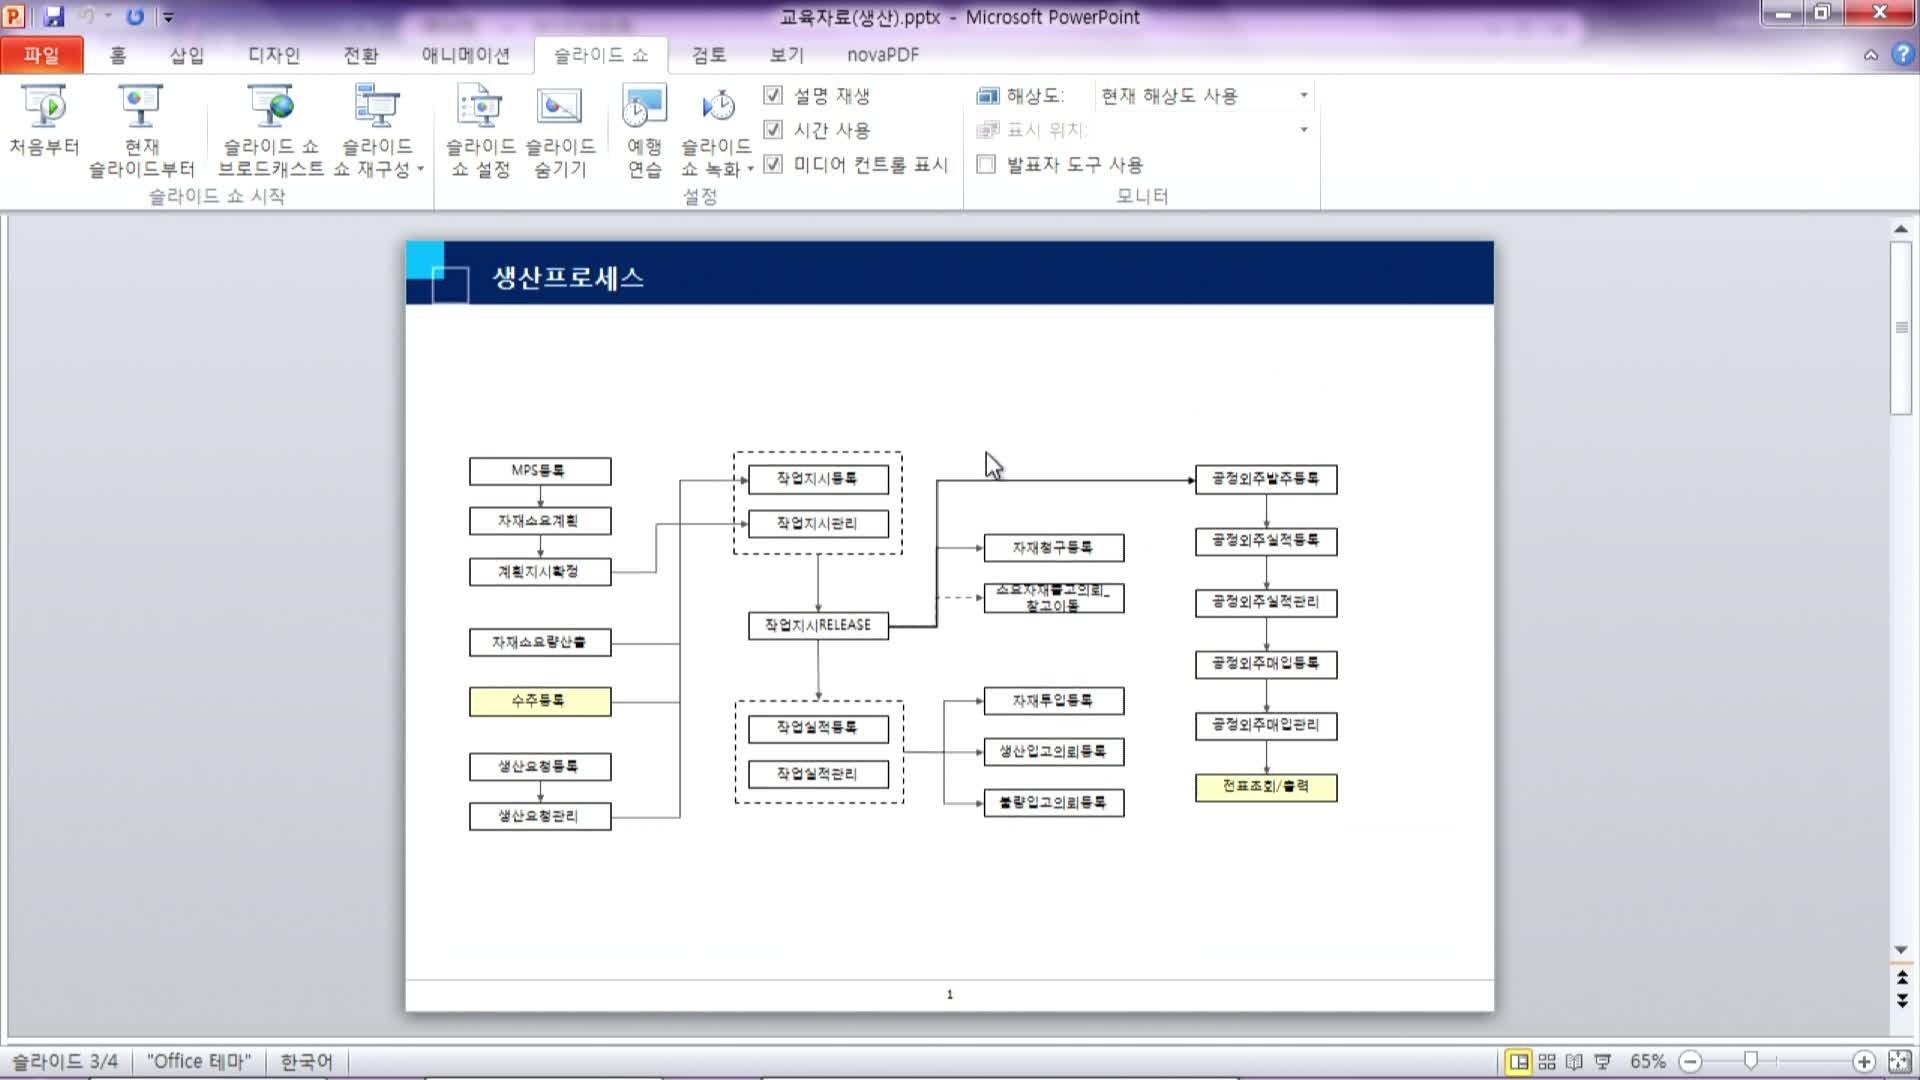 1차시_시스템관리_생산시스템설정 - 1.W/C정보등록